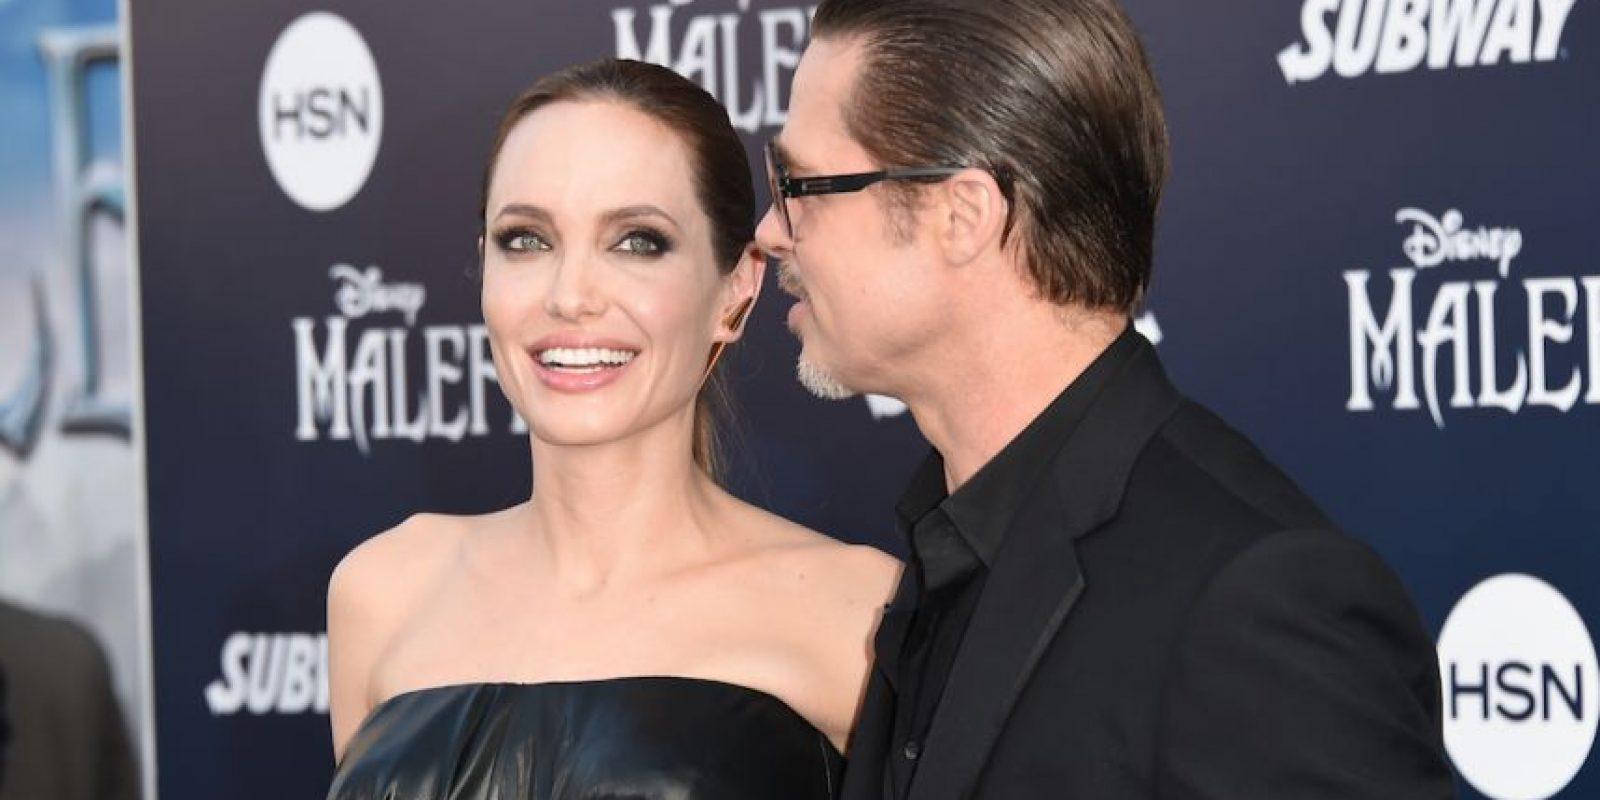 La actriz decidió extirparse ambas mamas para evitar un futuro cáncer Foto:Getty Images